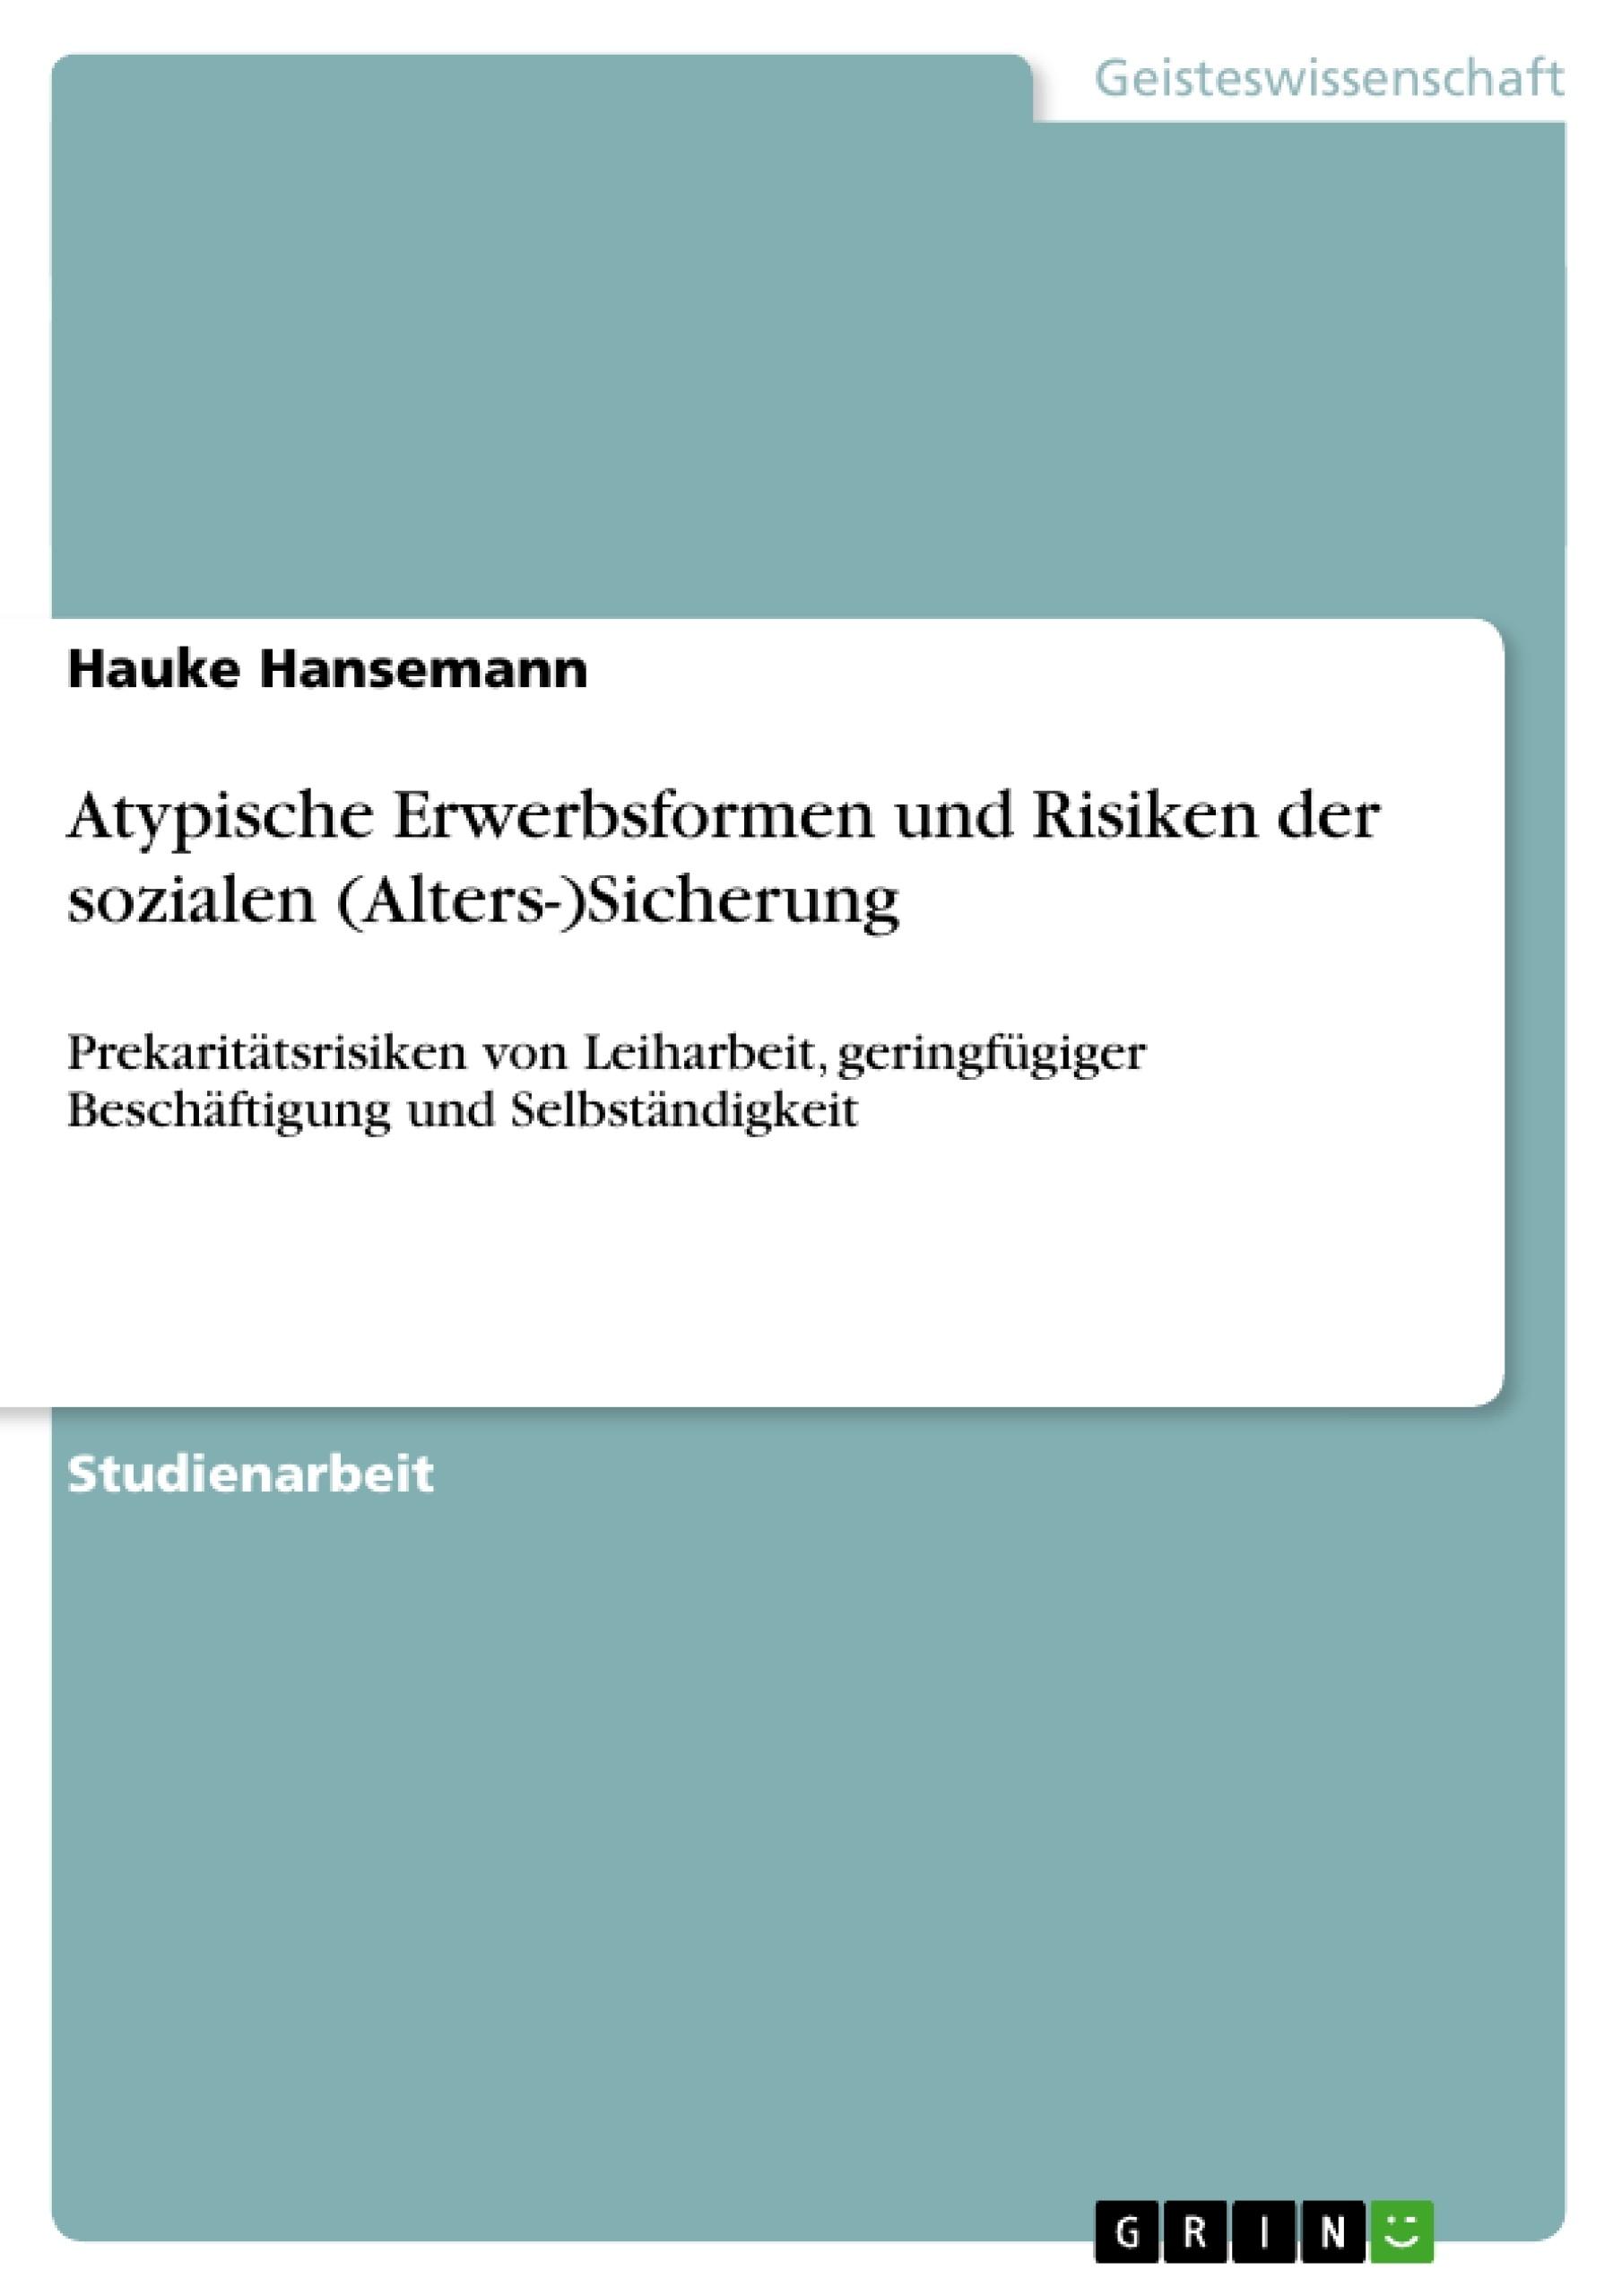 Titel: Atypische Erwerbsformen und Risiken der sozialen (Alters-)Sicherung